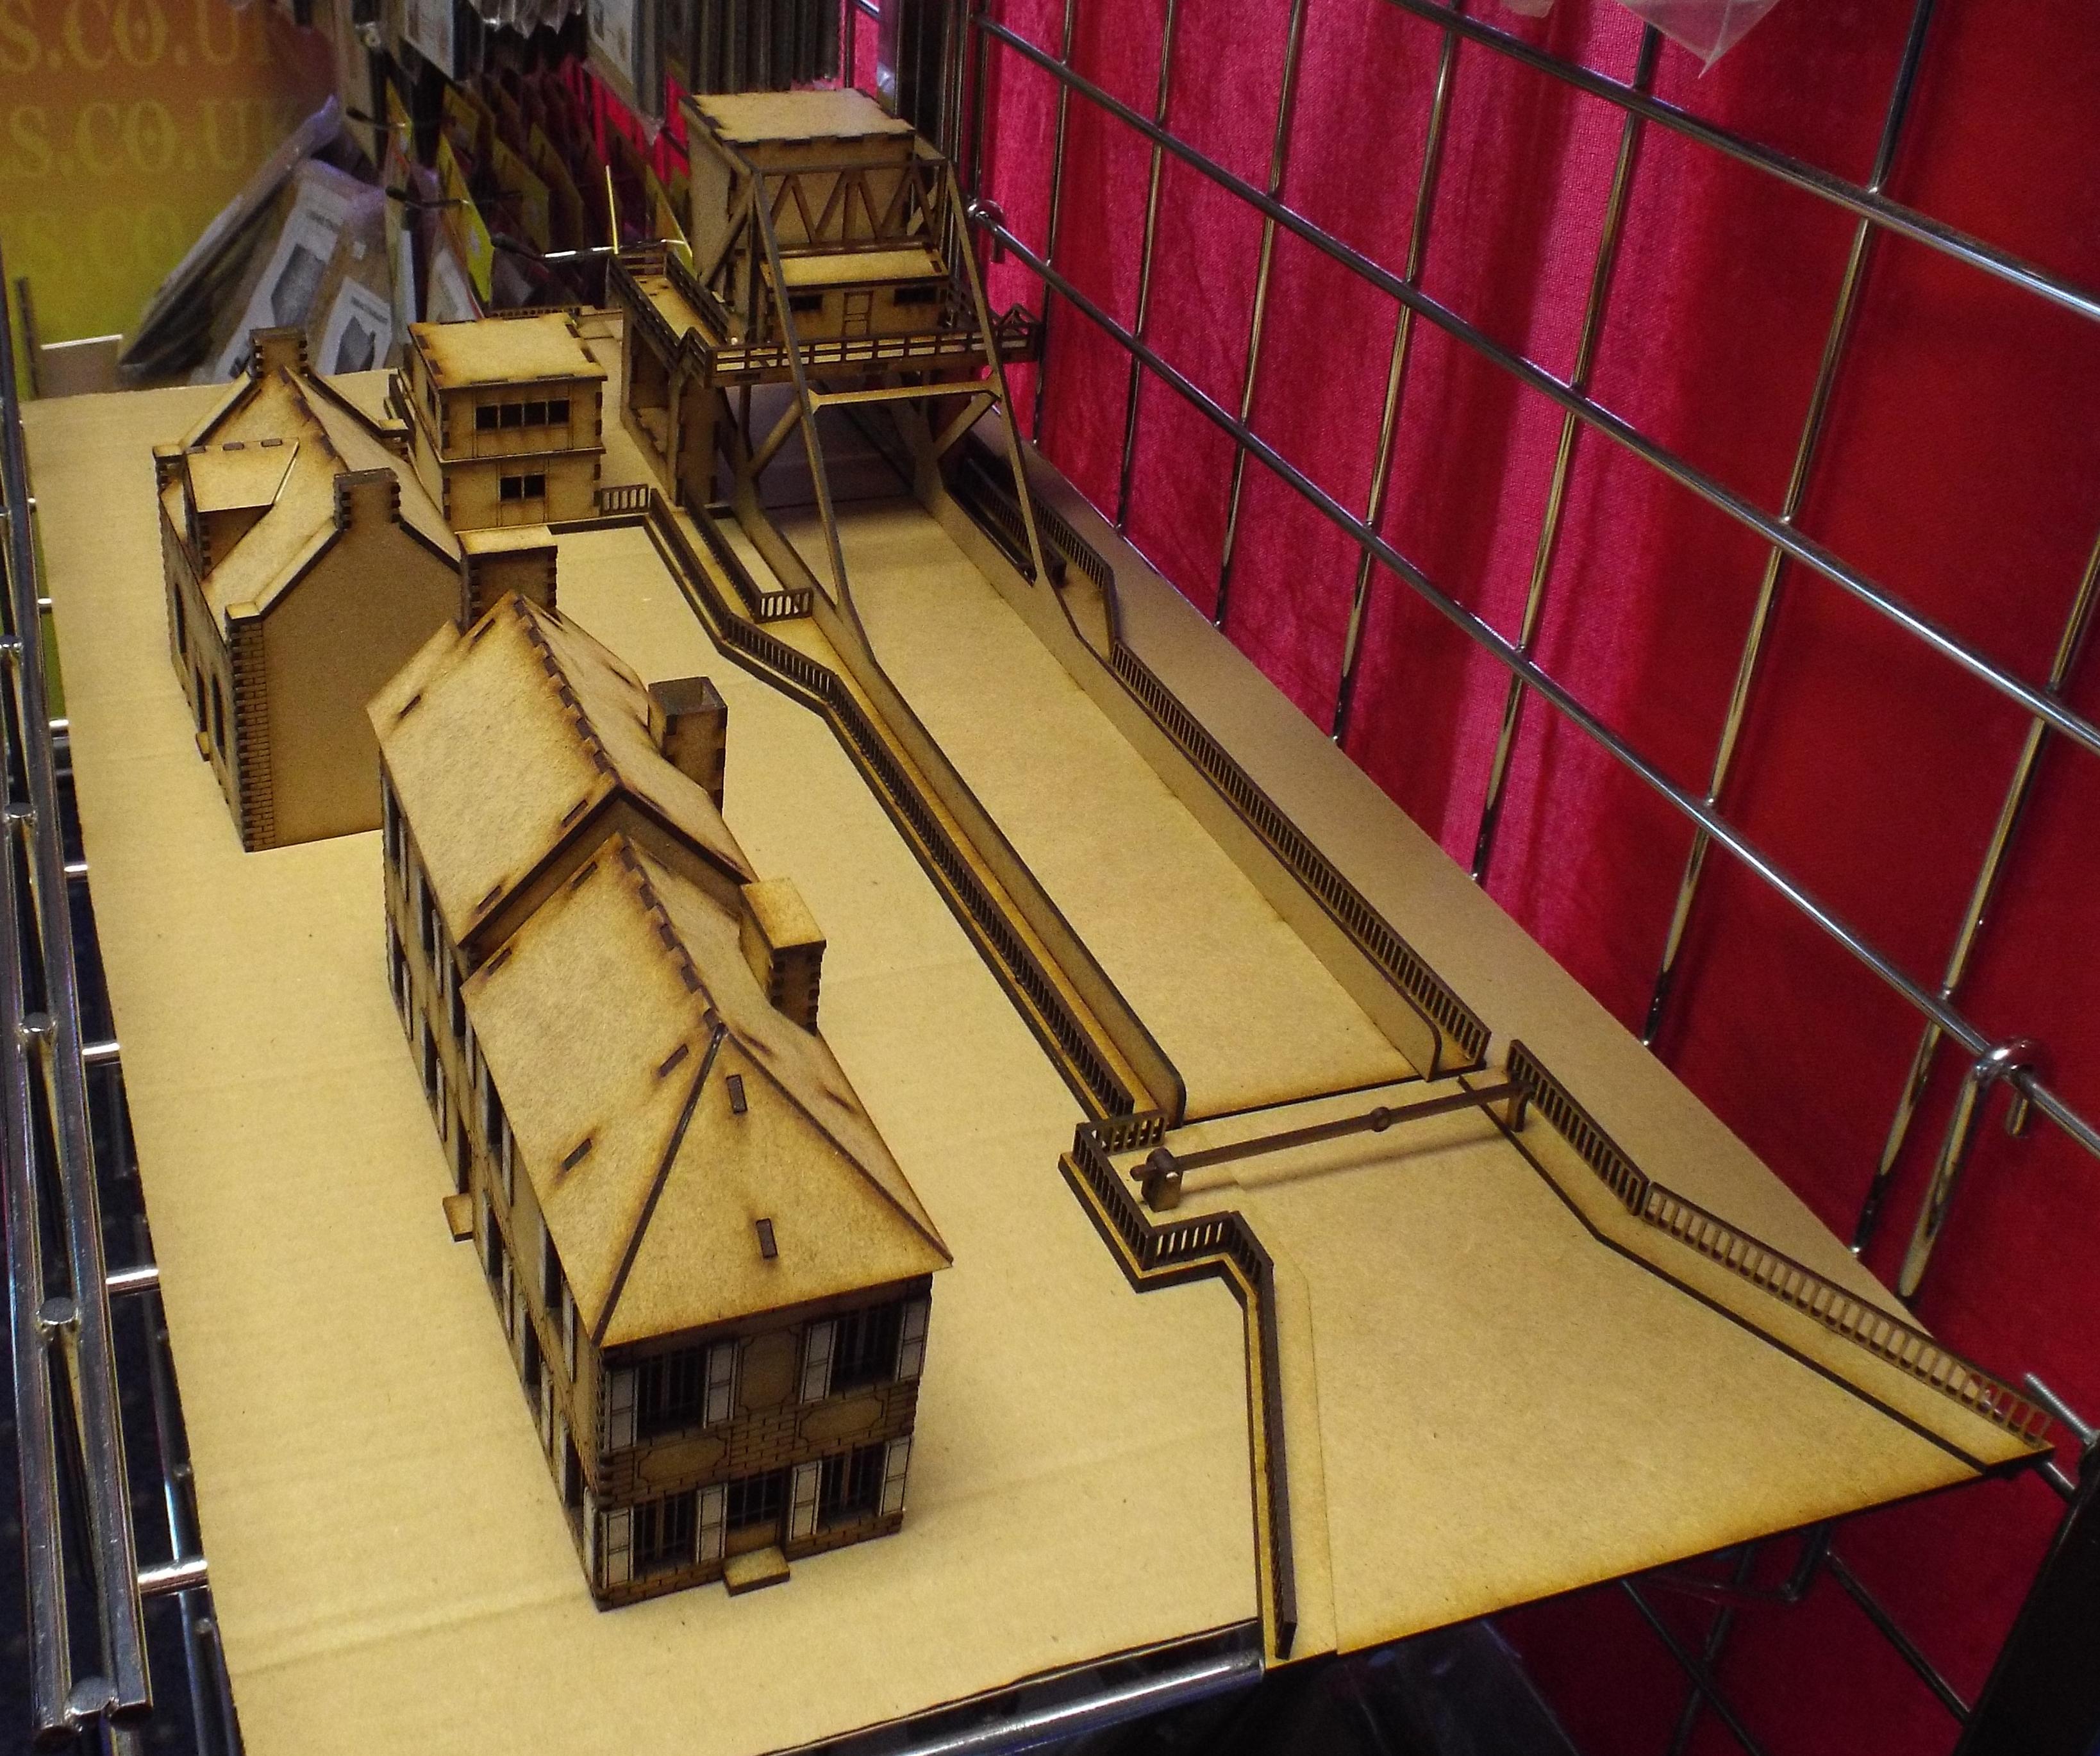 A malema of Benouville Bridges – Meeples & Miniatures